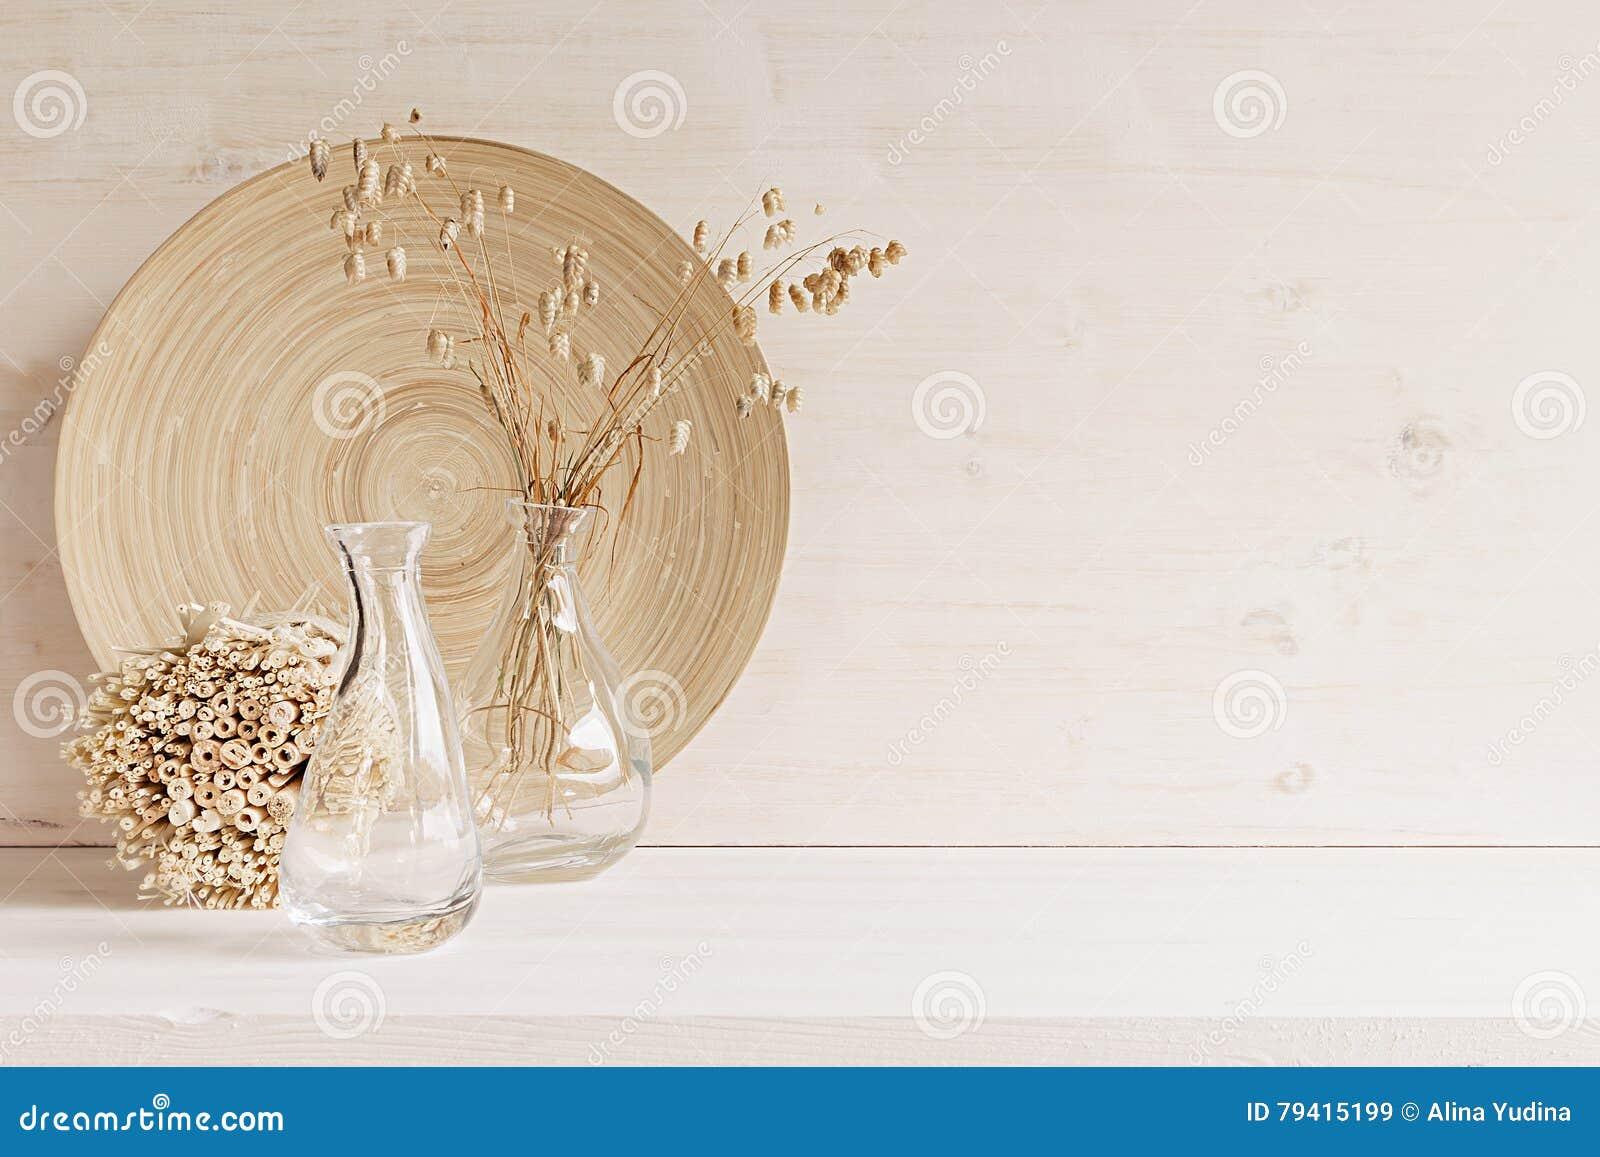 Μαλακό εγχώριο ντεκόρ του βάζου γυαλιού με spikelets και του ξύλινου πιάτου στο άσπρο ξύλινο υπόβαθρο